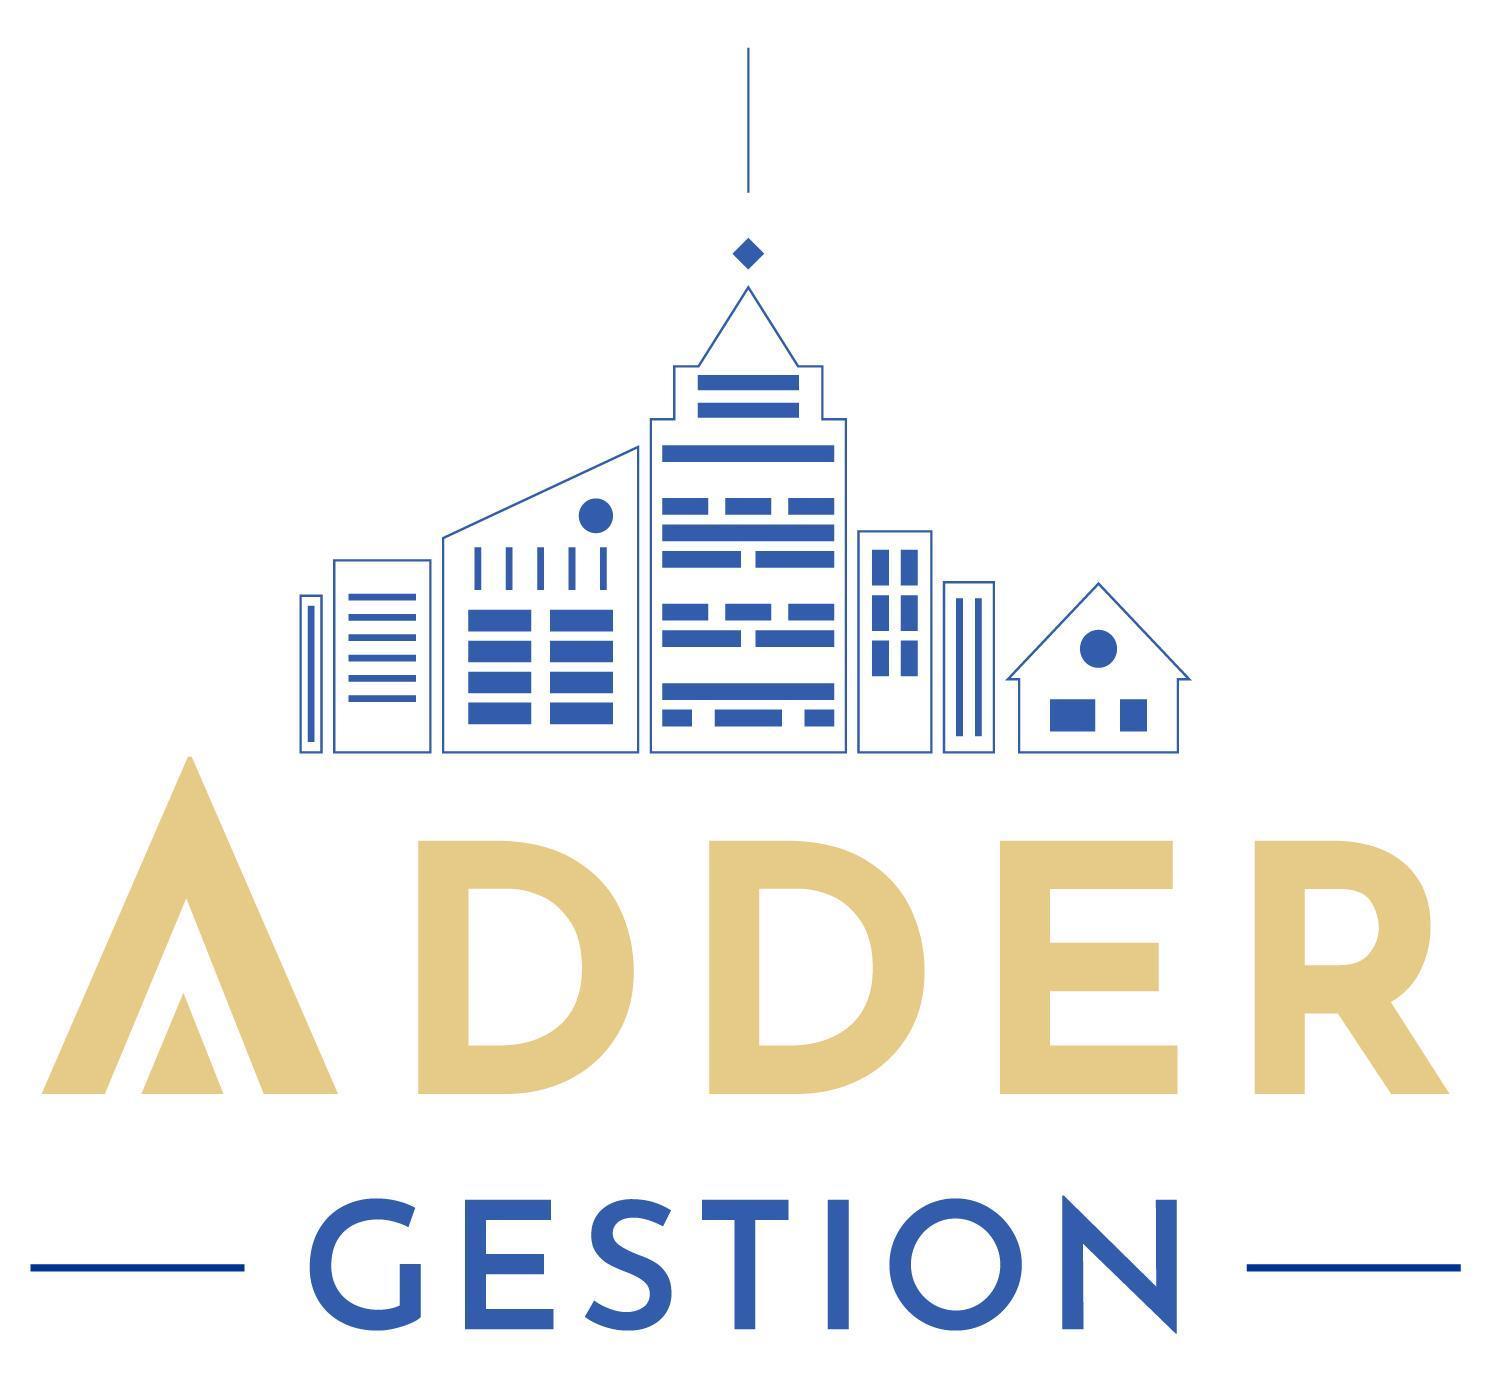 A.D.D.E.R. GESTION agence immobilière Joinville-le-Pont (94340)